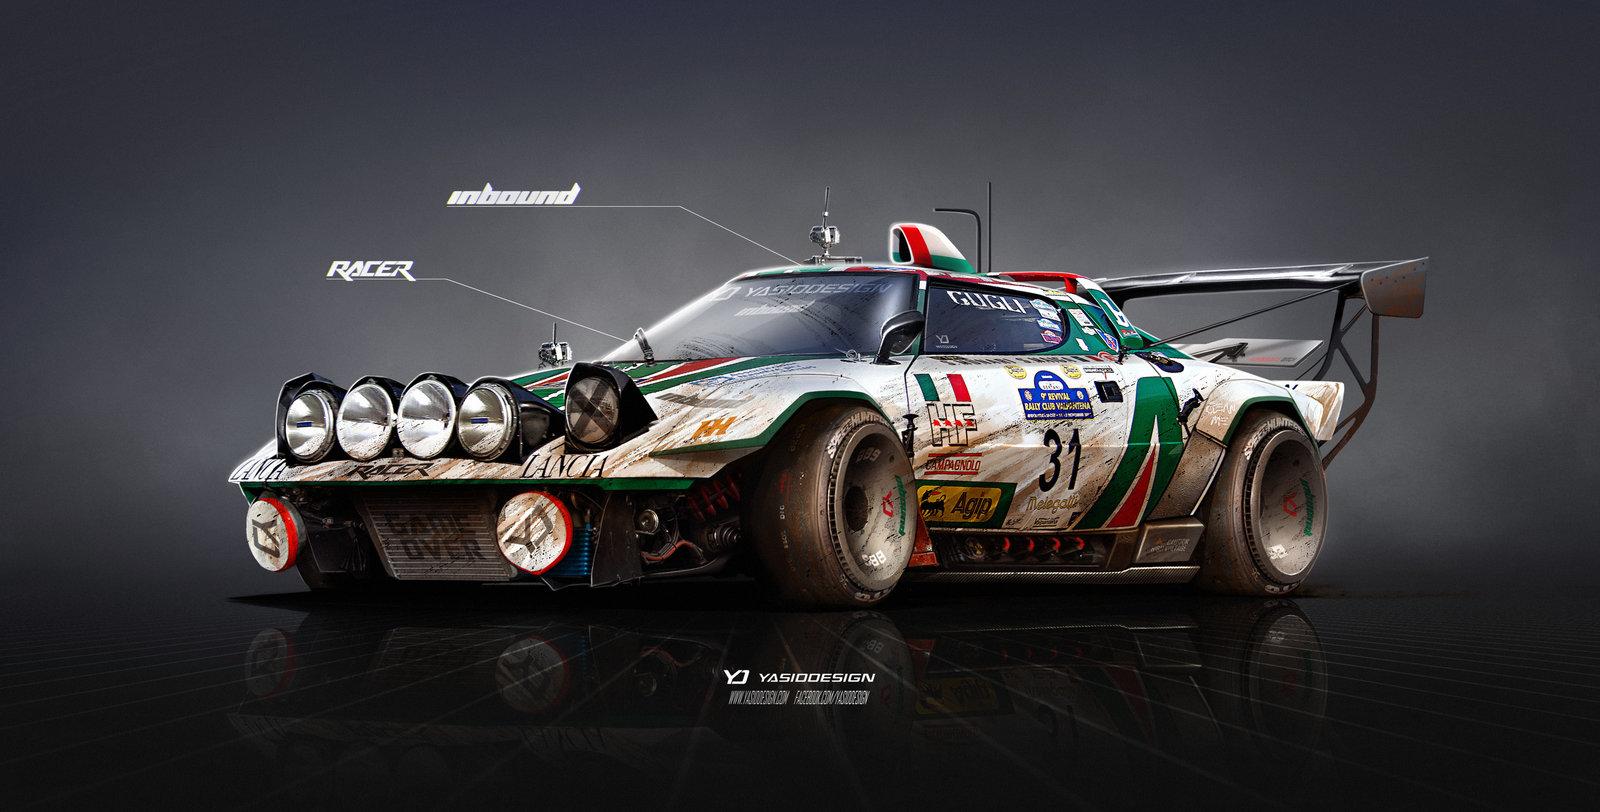 Lancia Stratos on Steroids Inbound racer